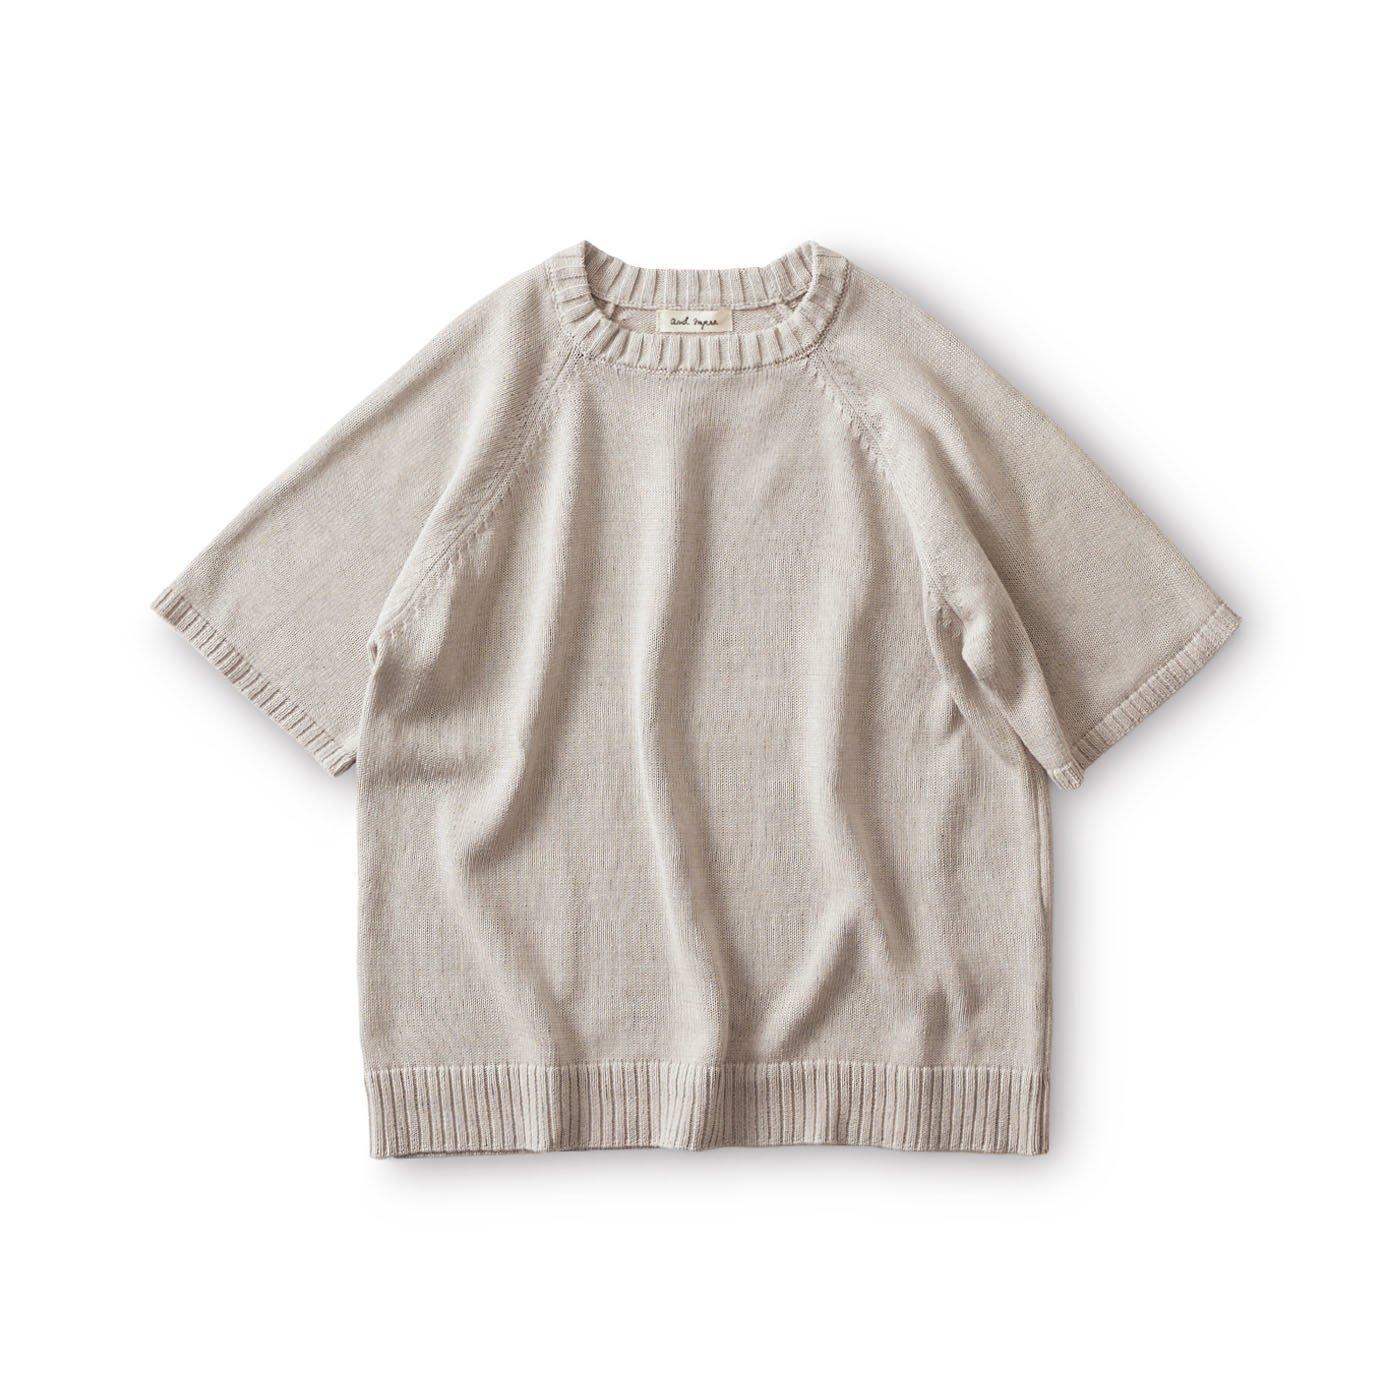 and myera 夏のためのセーター〈グレー〉